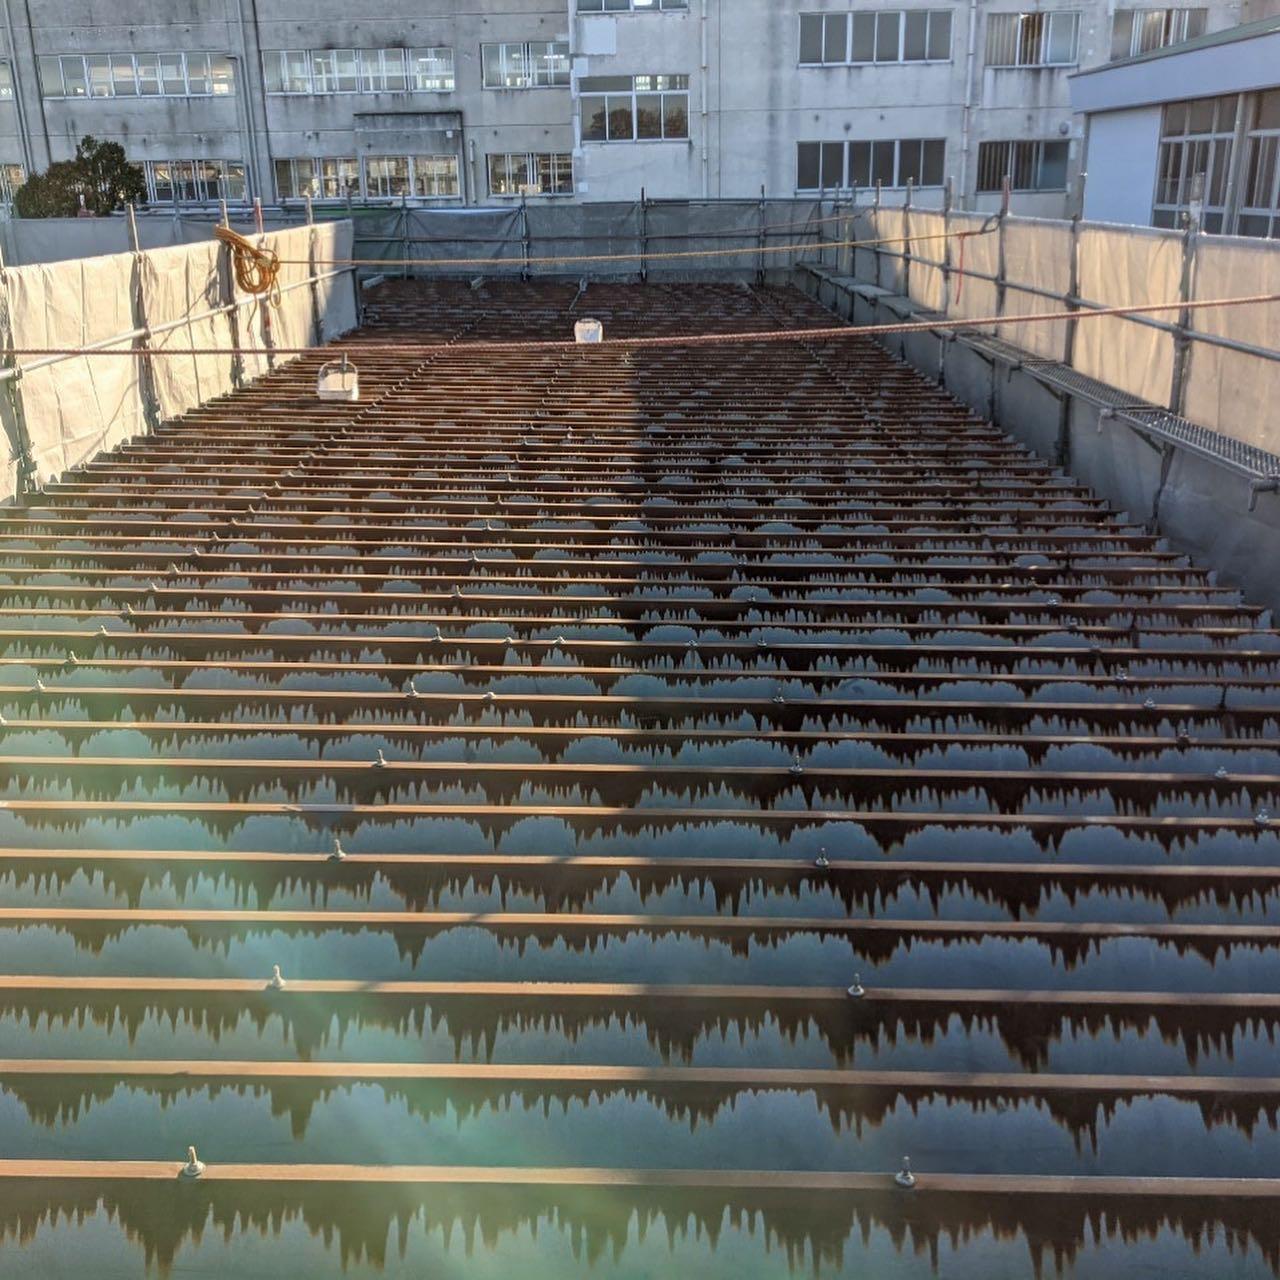 折板屋根防水工事が完了しています。#超速硬化ウレタン吹付#超速硬化ウレタン塗膜防水#超速硬化ウレタンスプレー#防水屋#吹付屋#株式会社ビルドテック